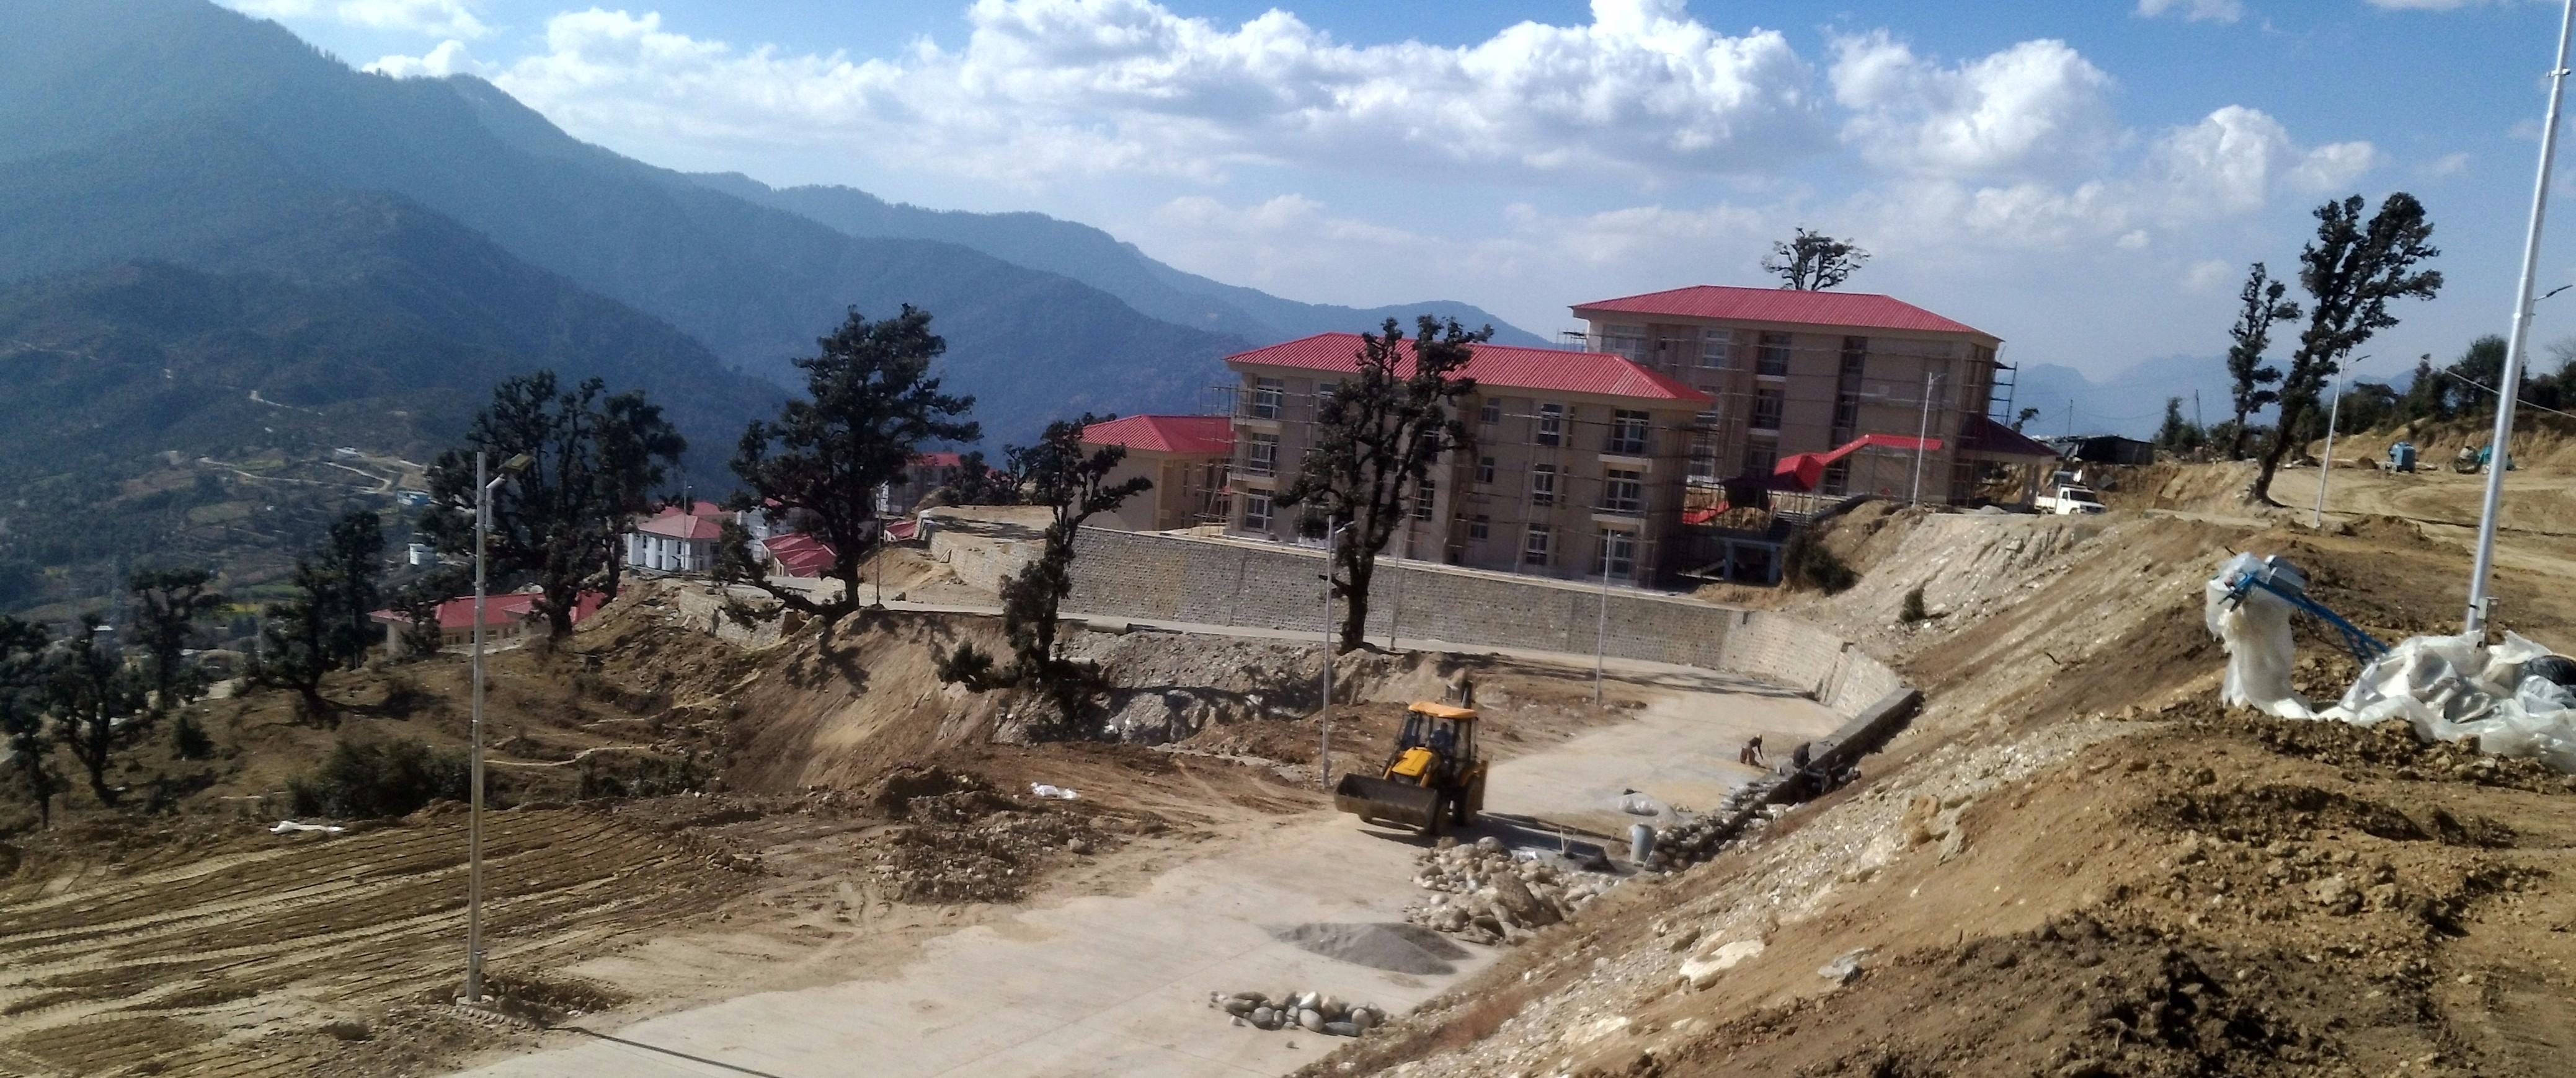 Work in progress at the assembly complex in Gairsain. Credit: Gaurav Vivek Bhatnagar